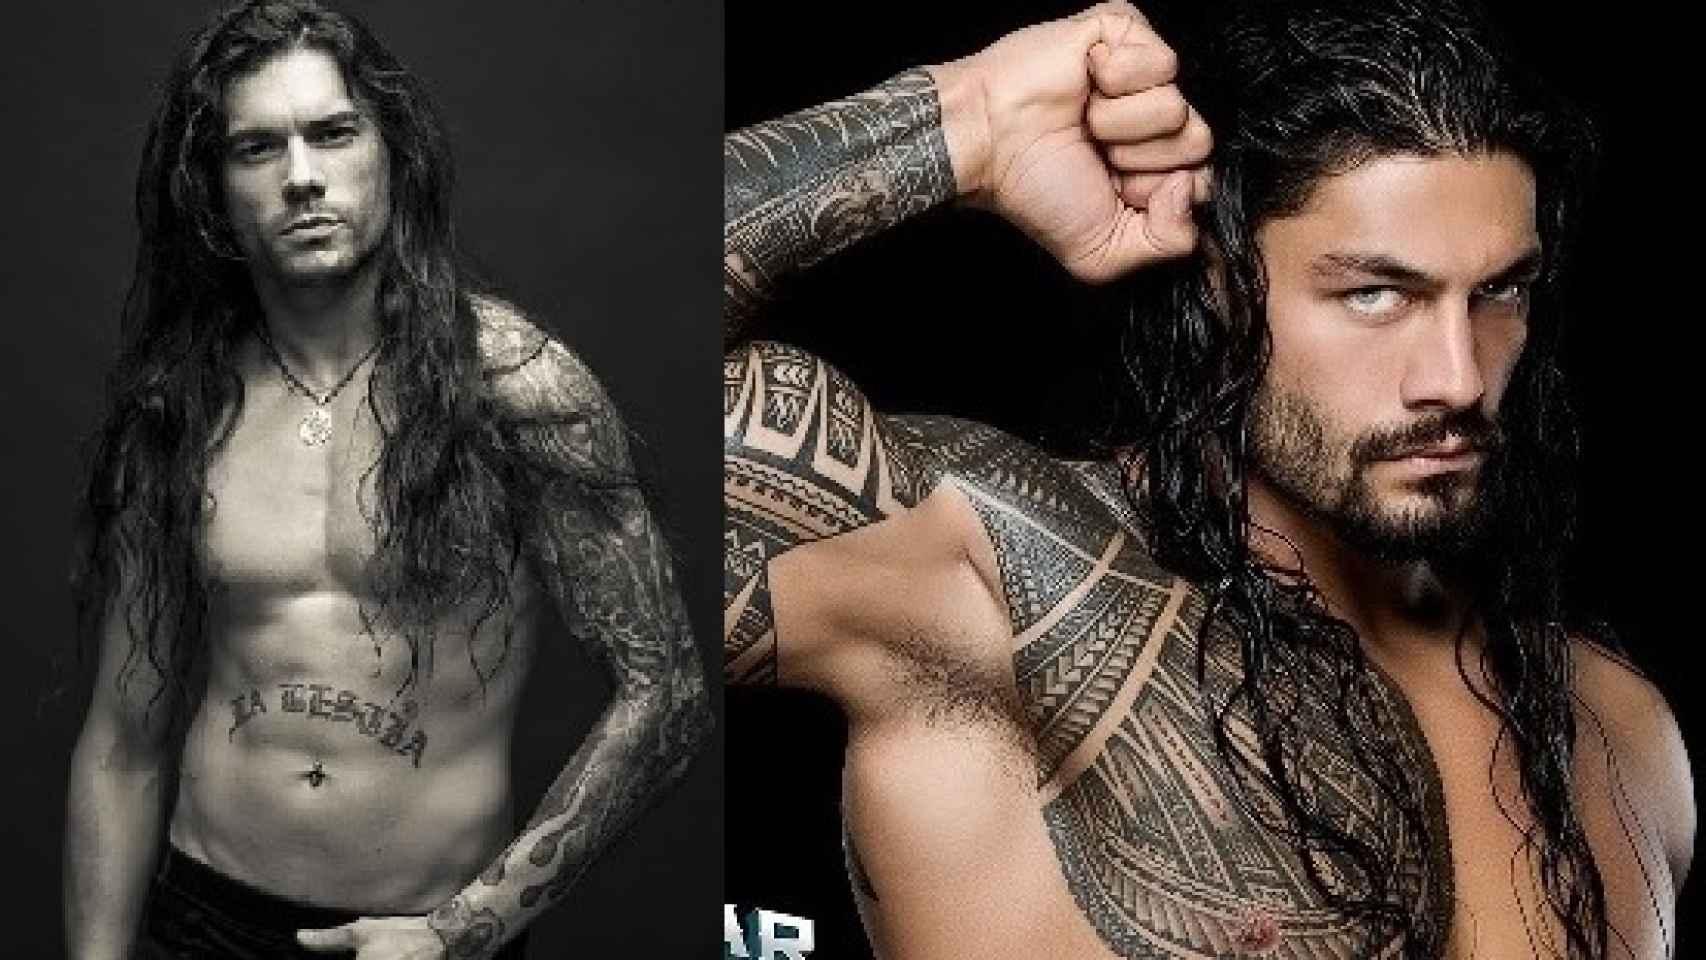 Leo Jiménez, la estrella del rock y Roman Reigns, luchador de la WWE